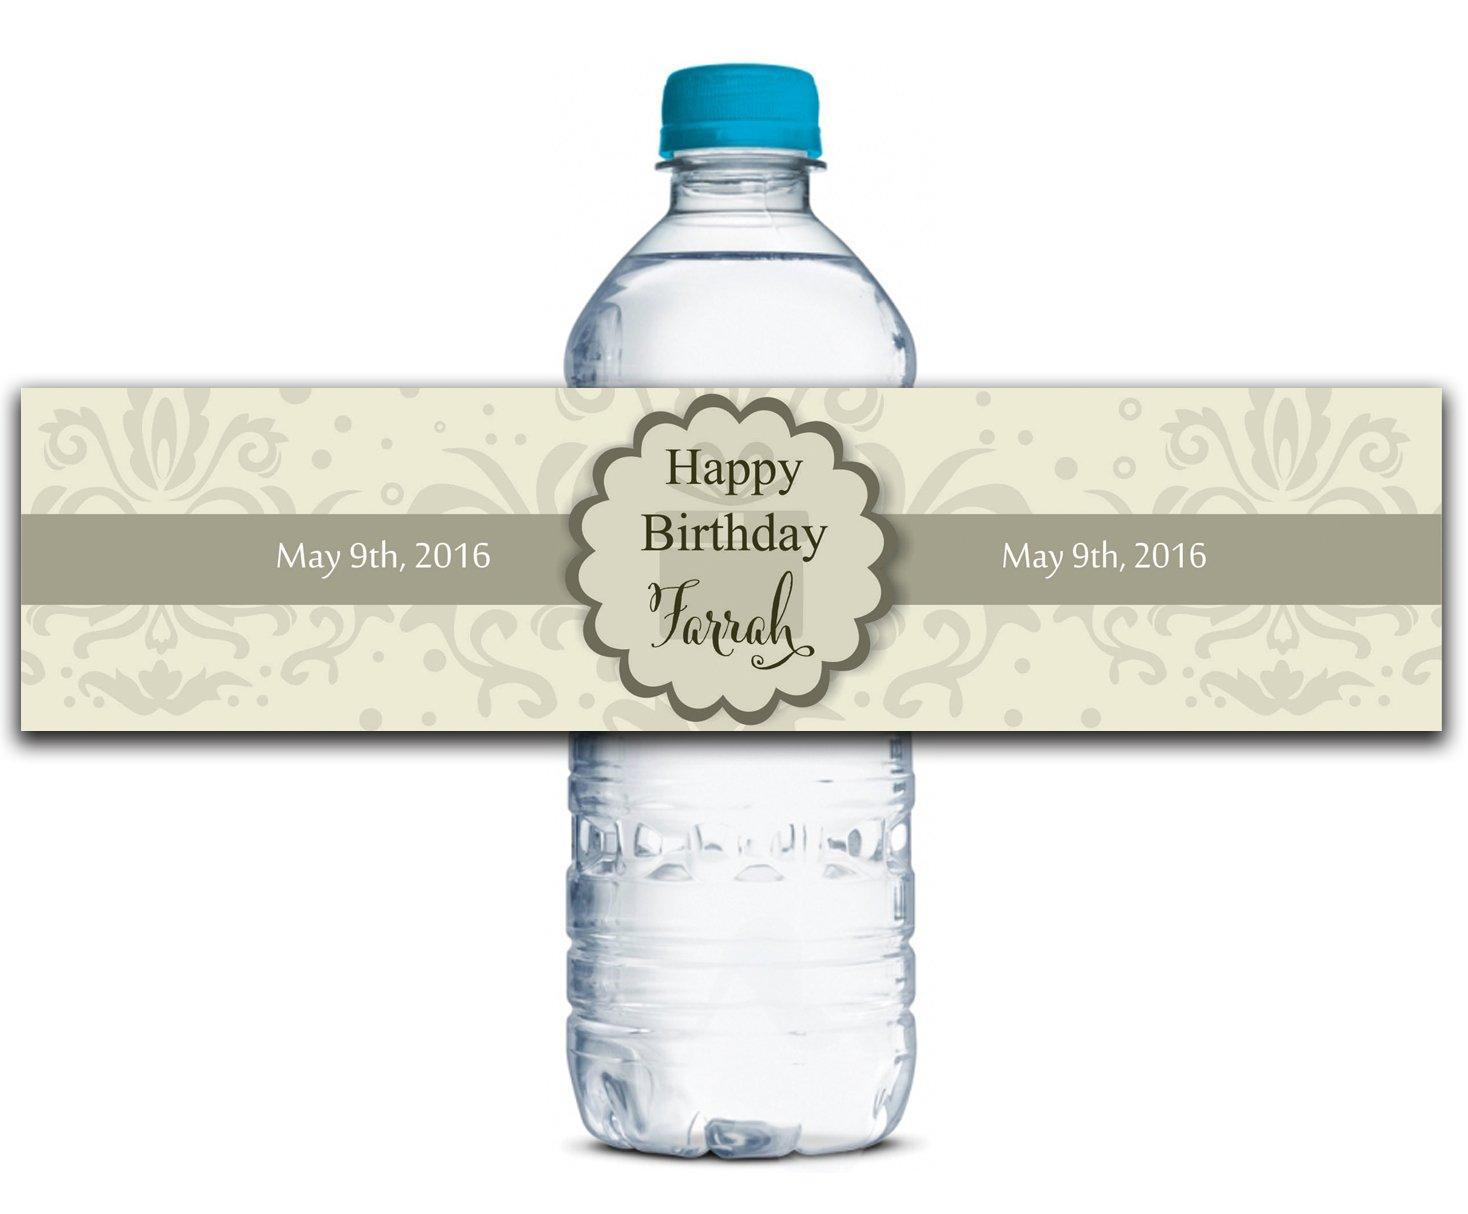 Personalisierte Wasserflasche Etiketten Selbstklebende Selbstklebende Selbstklebende wasserdichte Kundenspezifische Geburtstags-Aufkleber 8  x 2  Zoll - 50 Etiketten B01A0W632G | Produktqualität  57e137